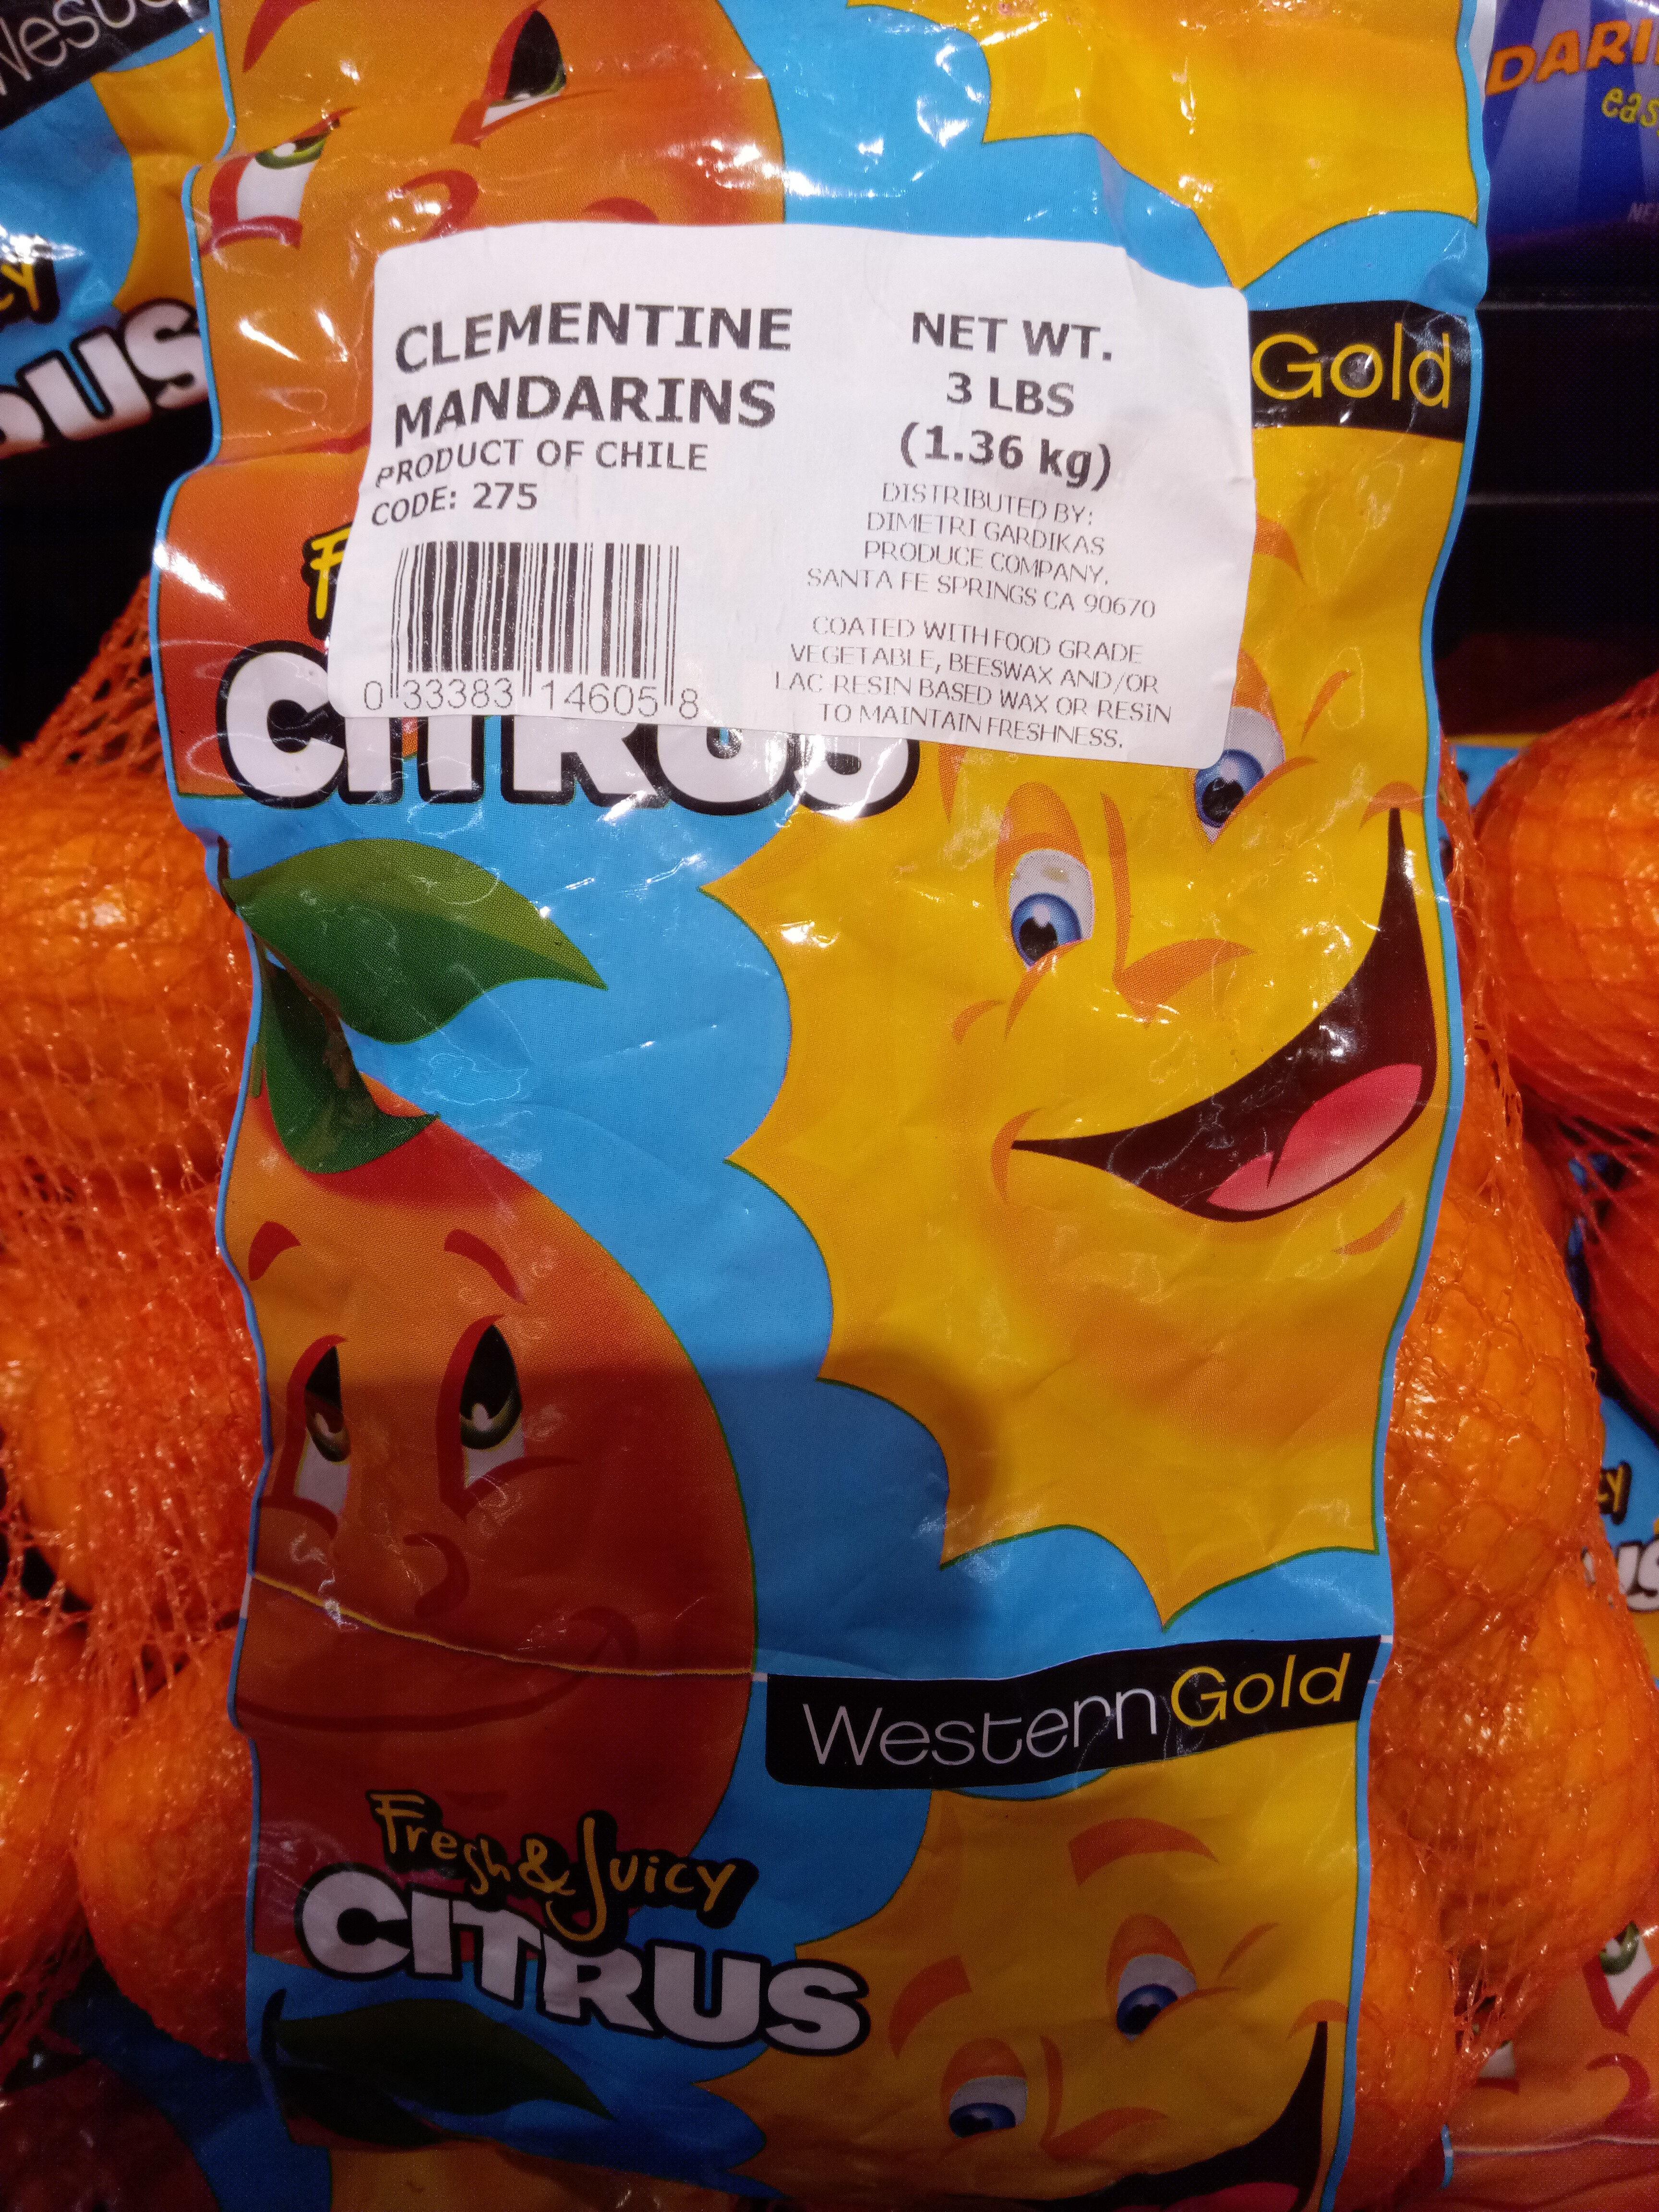 mardarin oranges - Product - en